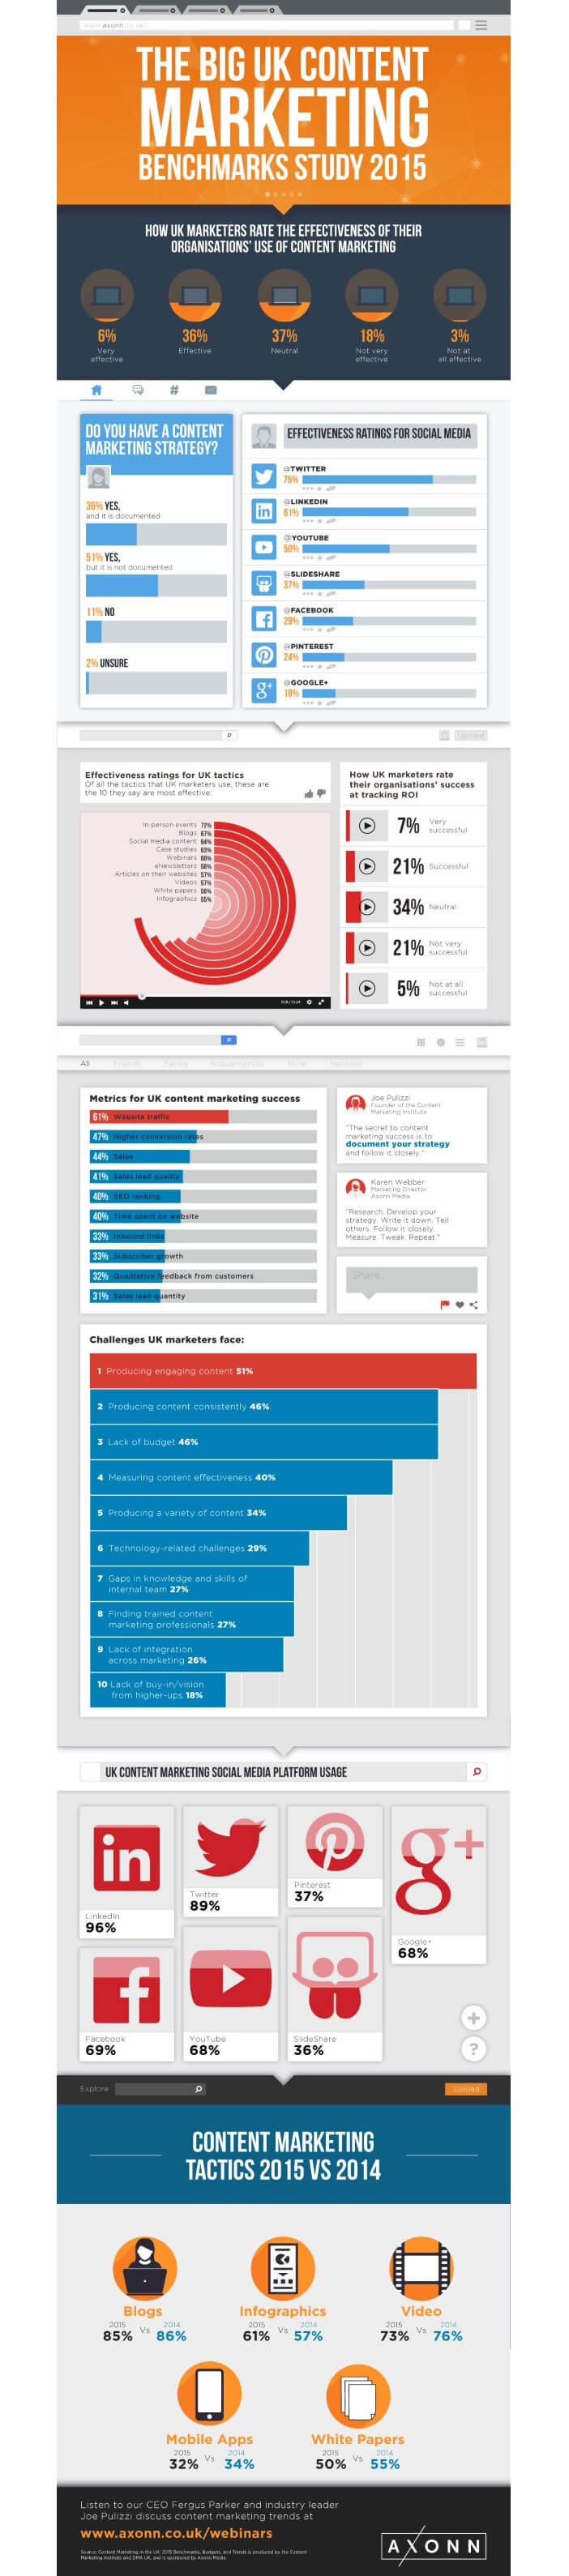 Inofgraphie : réseaux sociaux préférés des responsables marketing